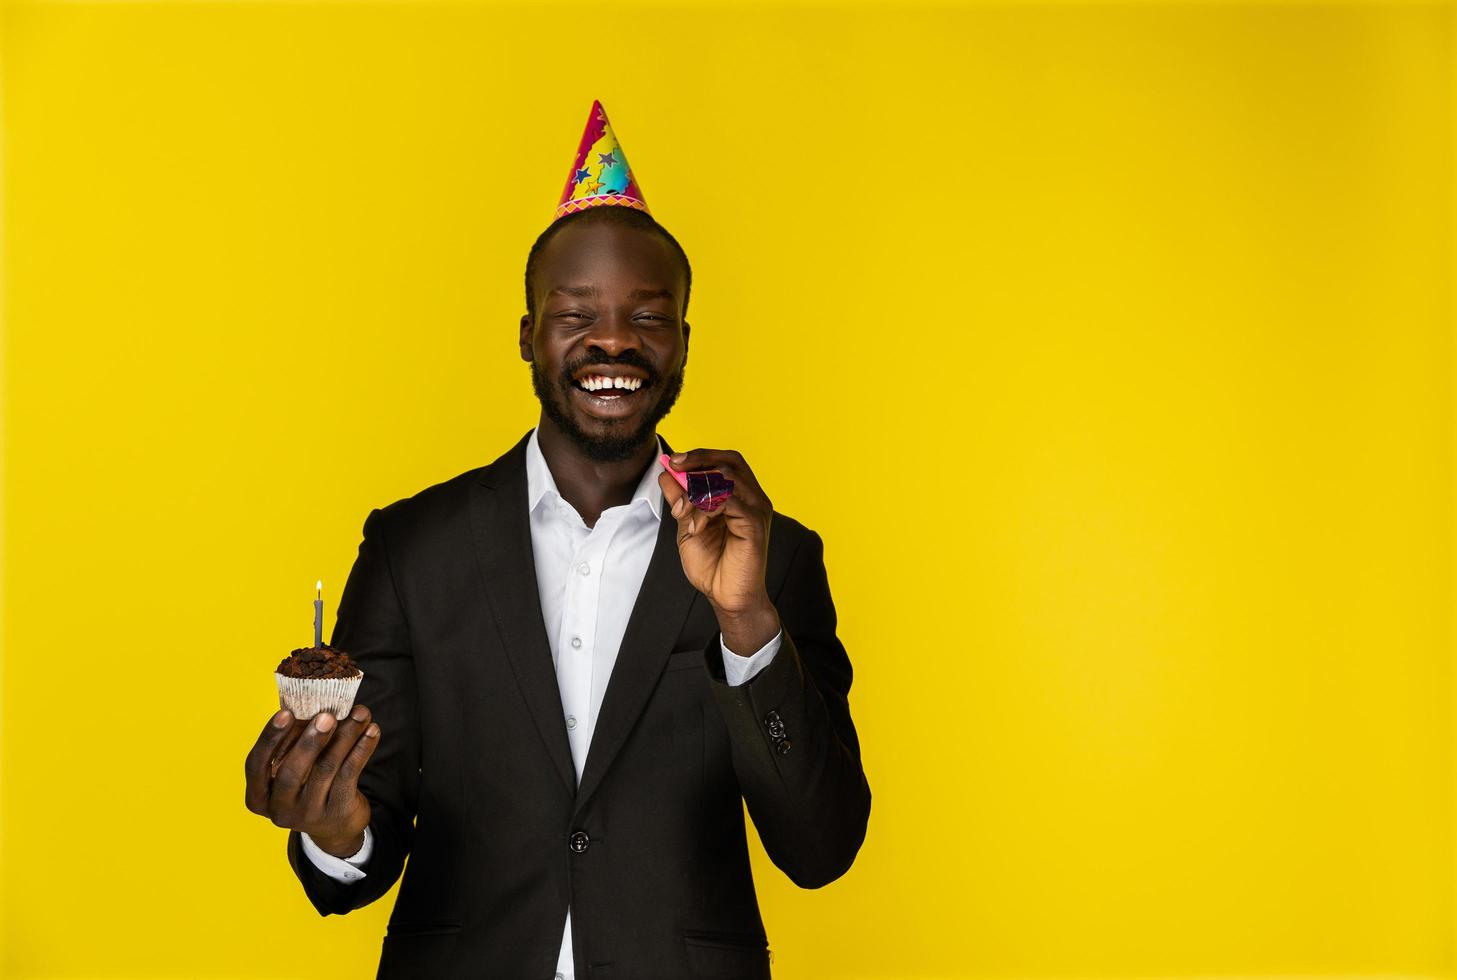 skrattande person på födelsedagen foto